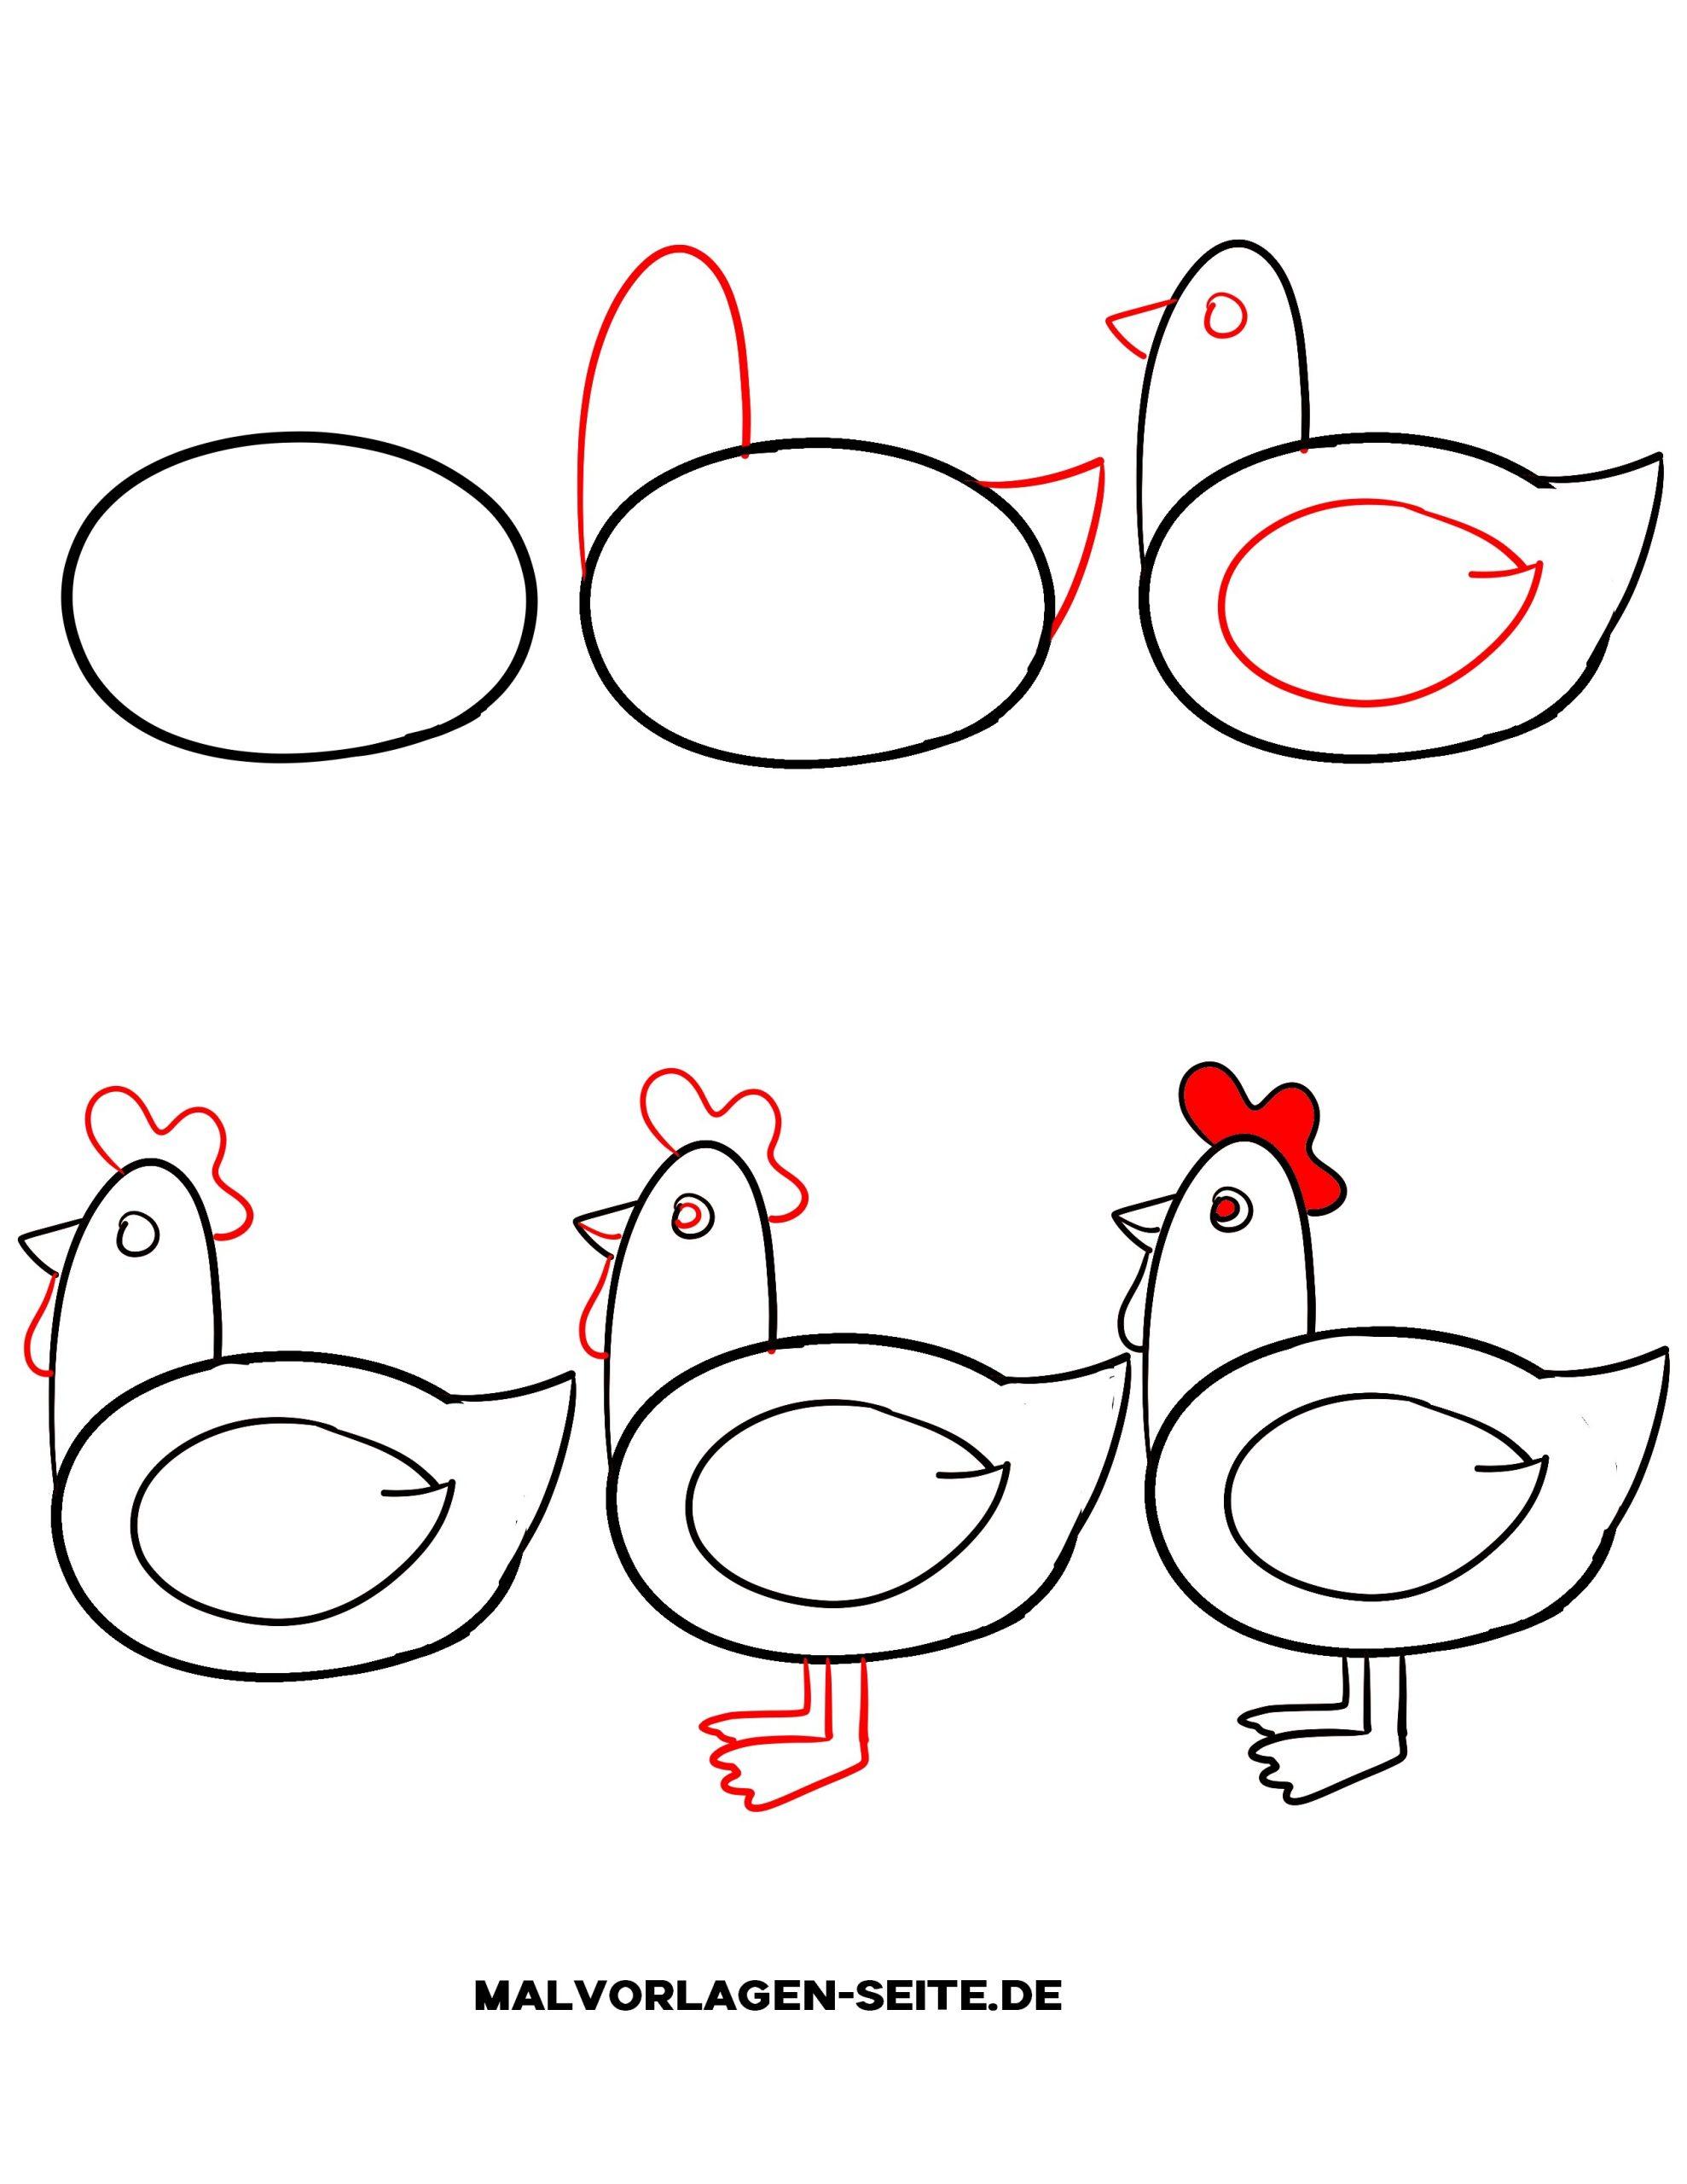 Wie Zeichnet Man Ein Huhn - Ausmalbilder Kostenlos Herunterladen über Kinder Zeichnen Lernen